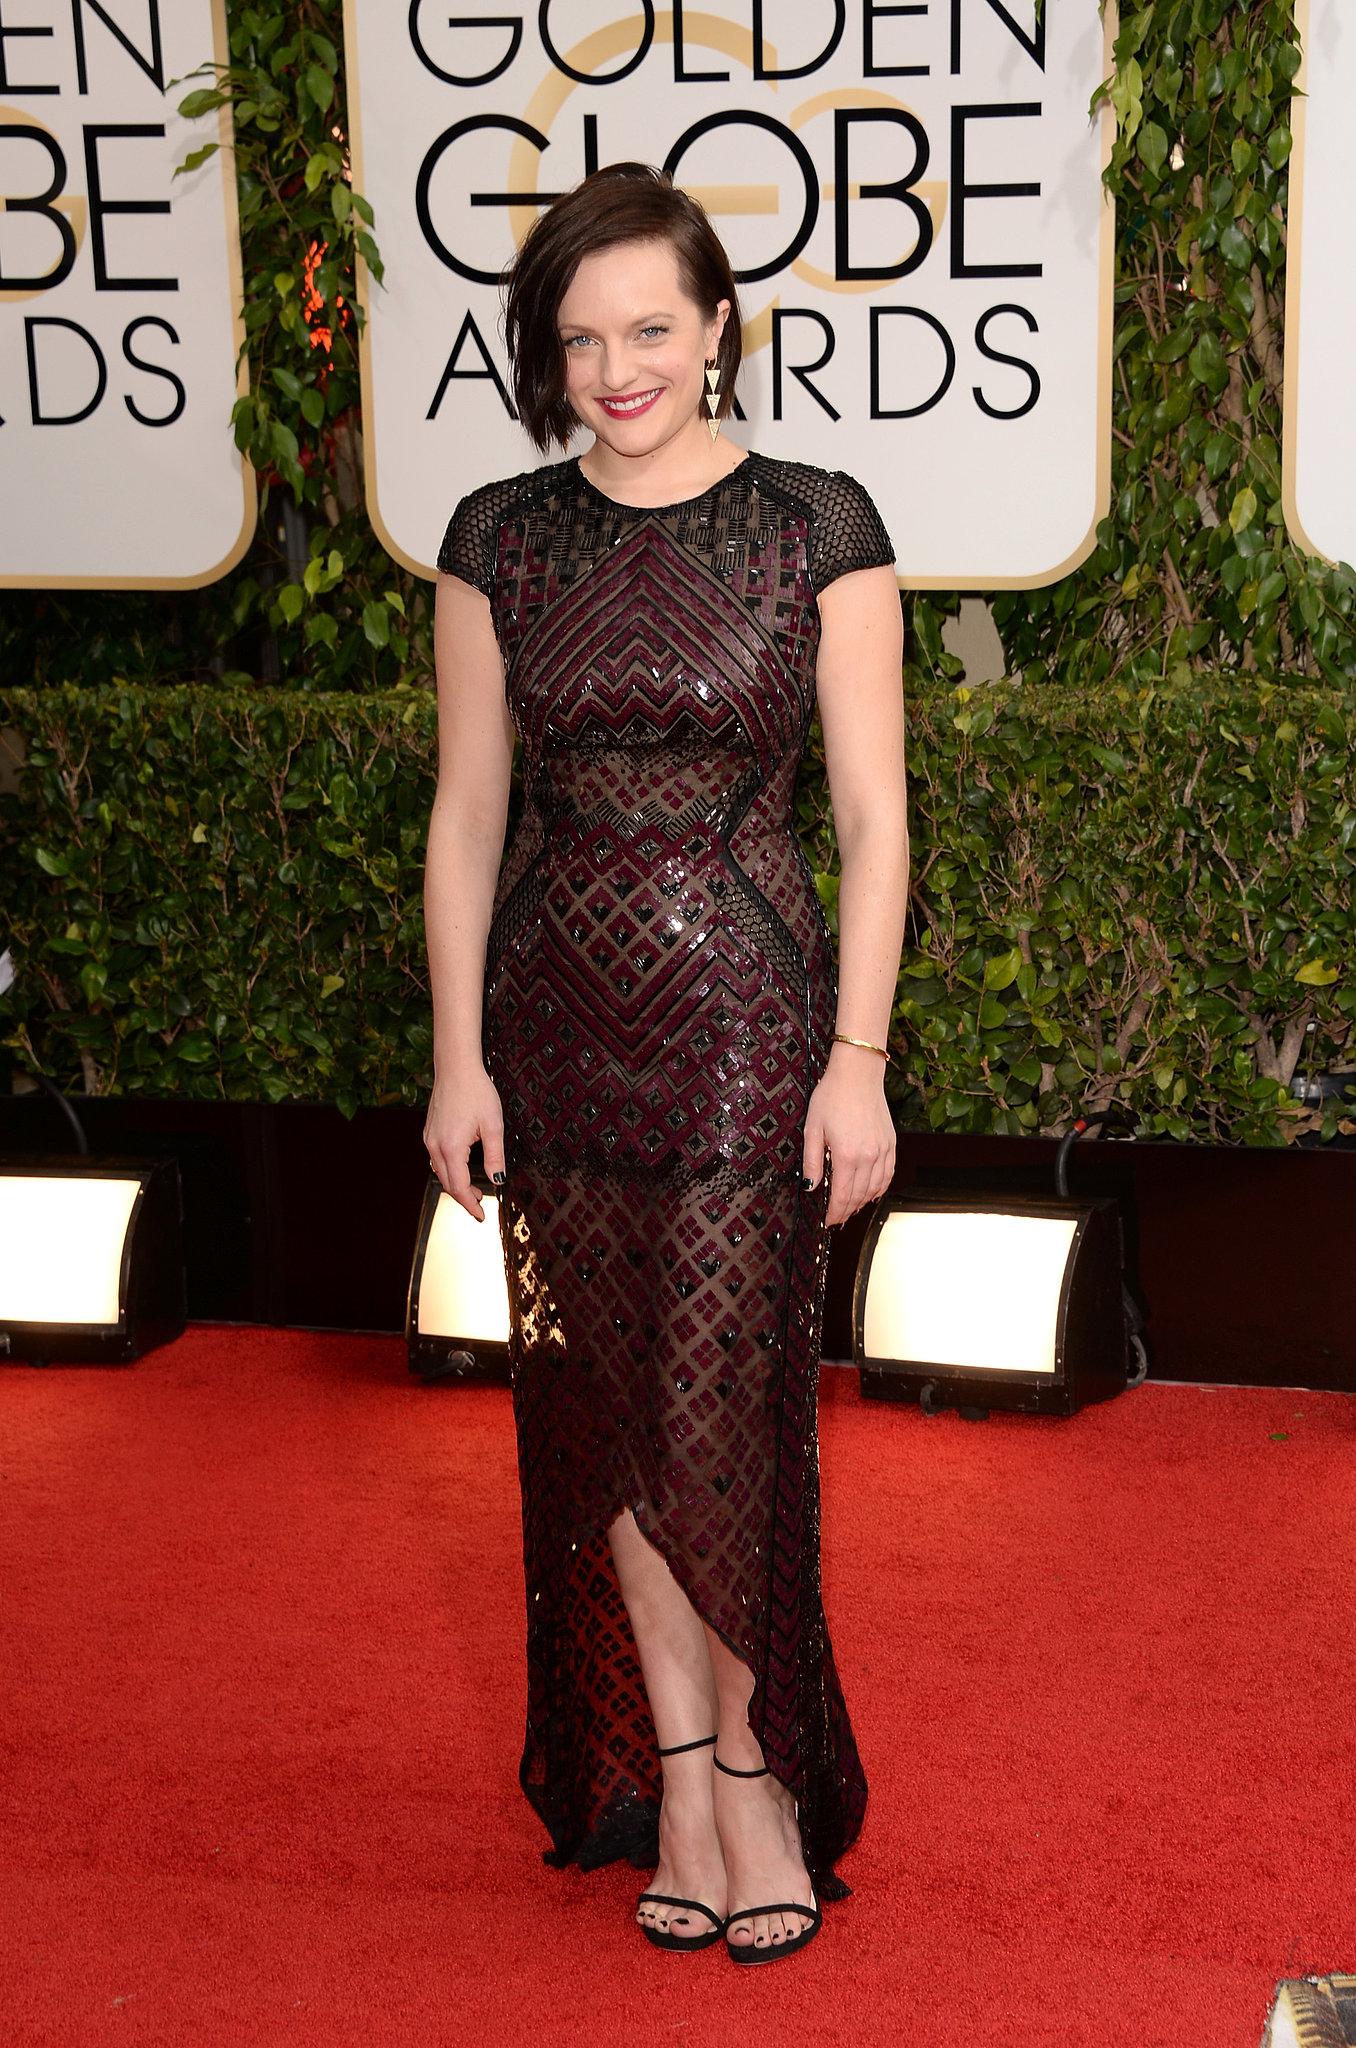 Mad Men's Elisabeth Moss showed up on the red carpet.